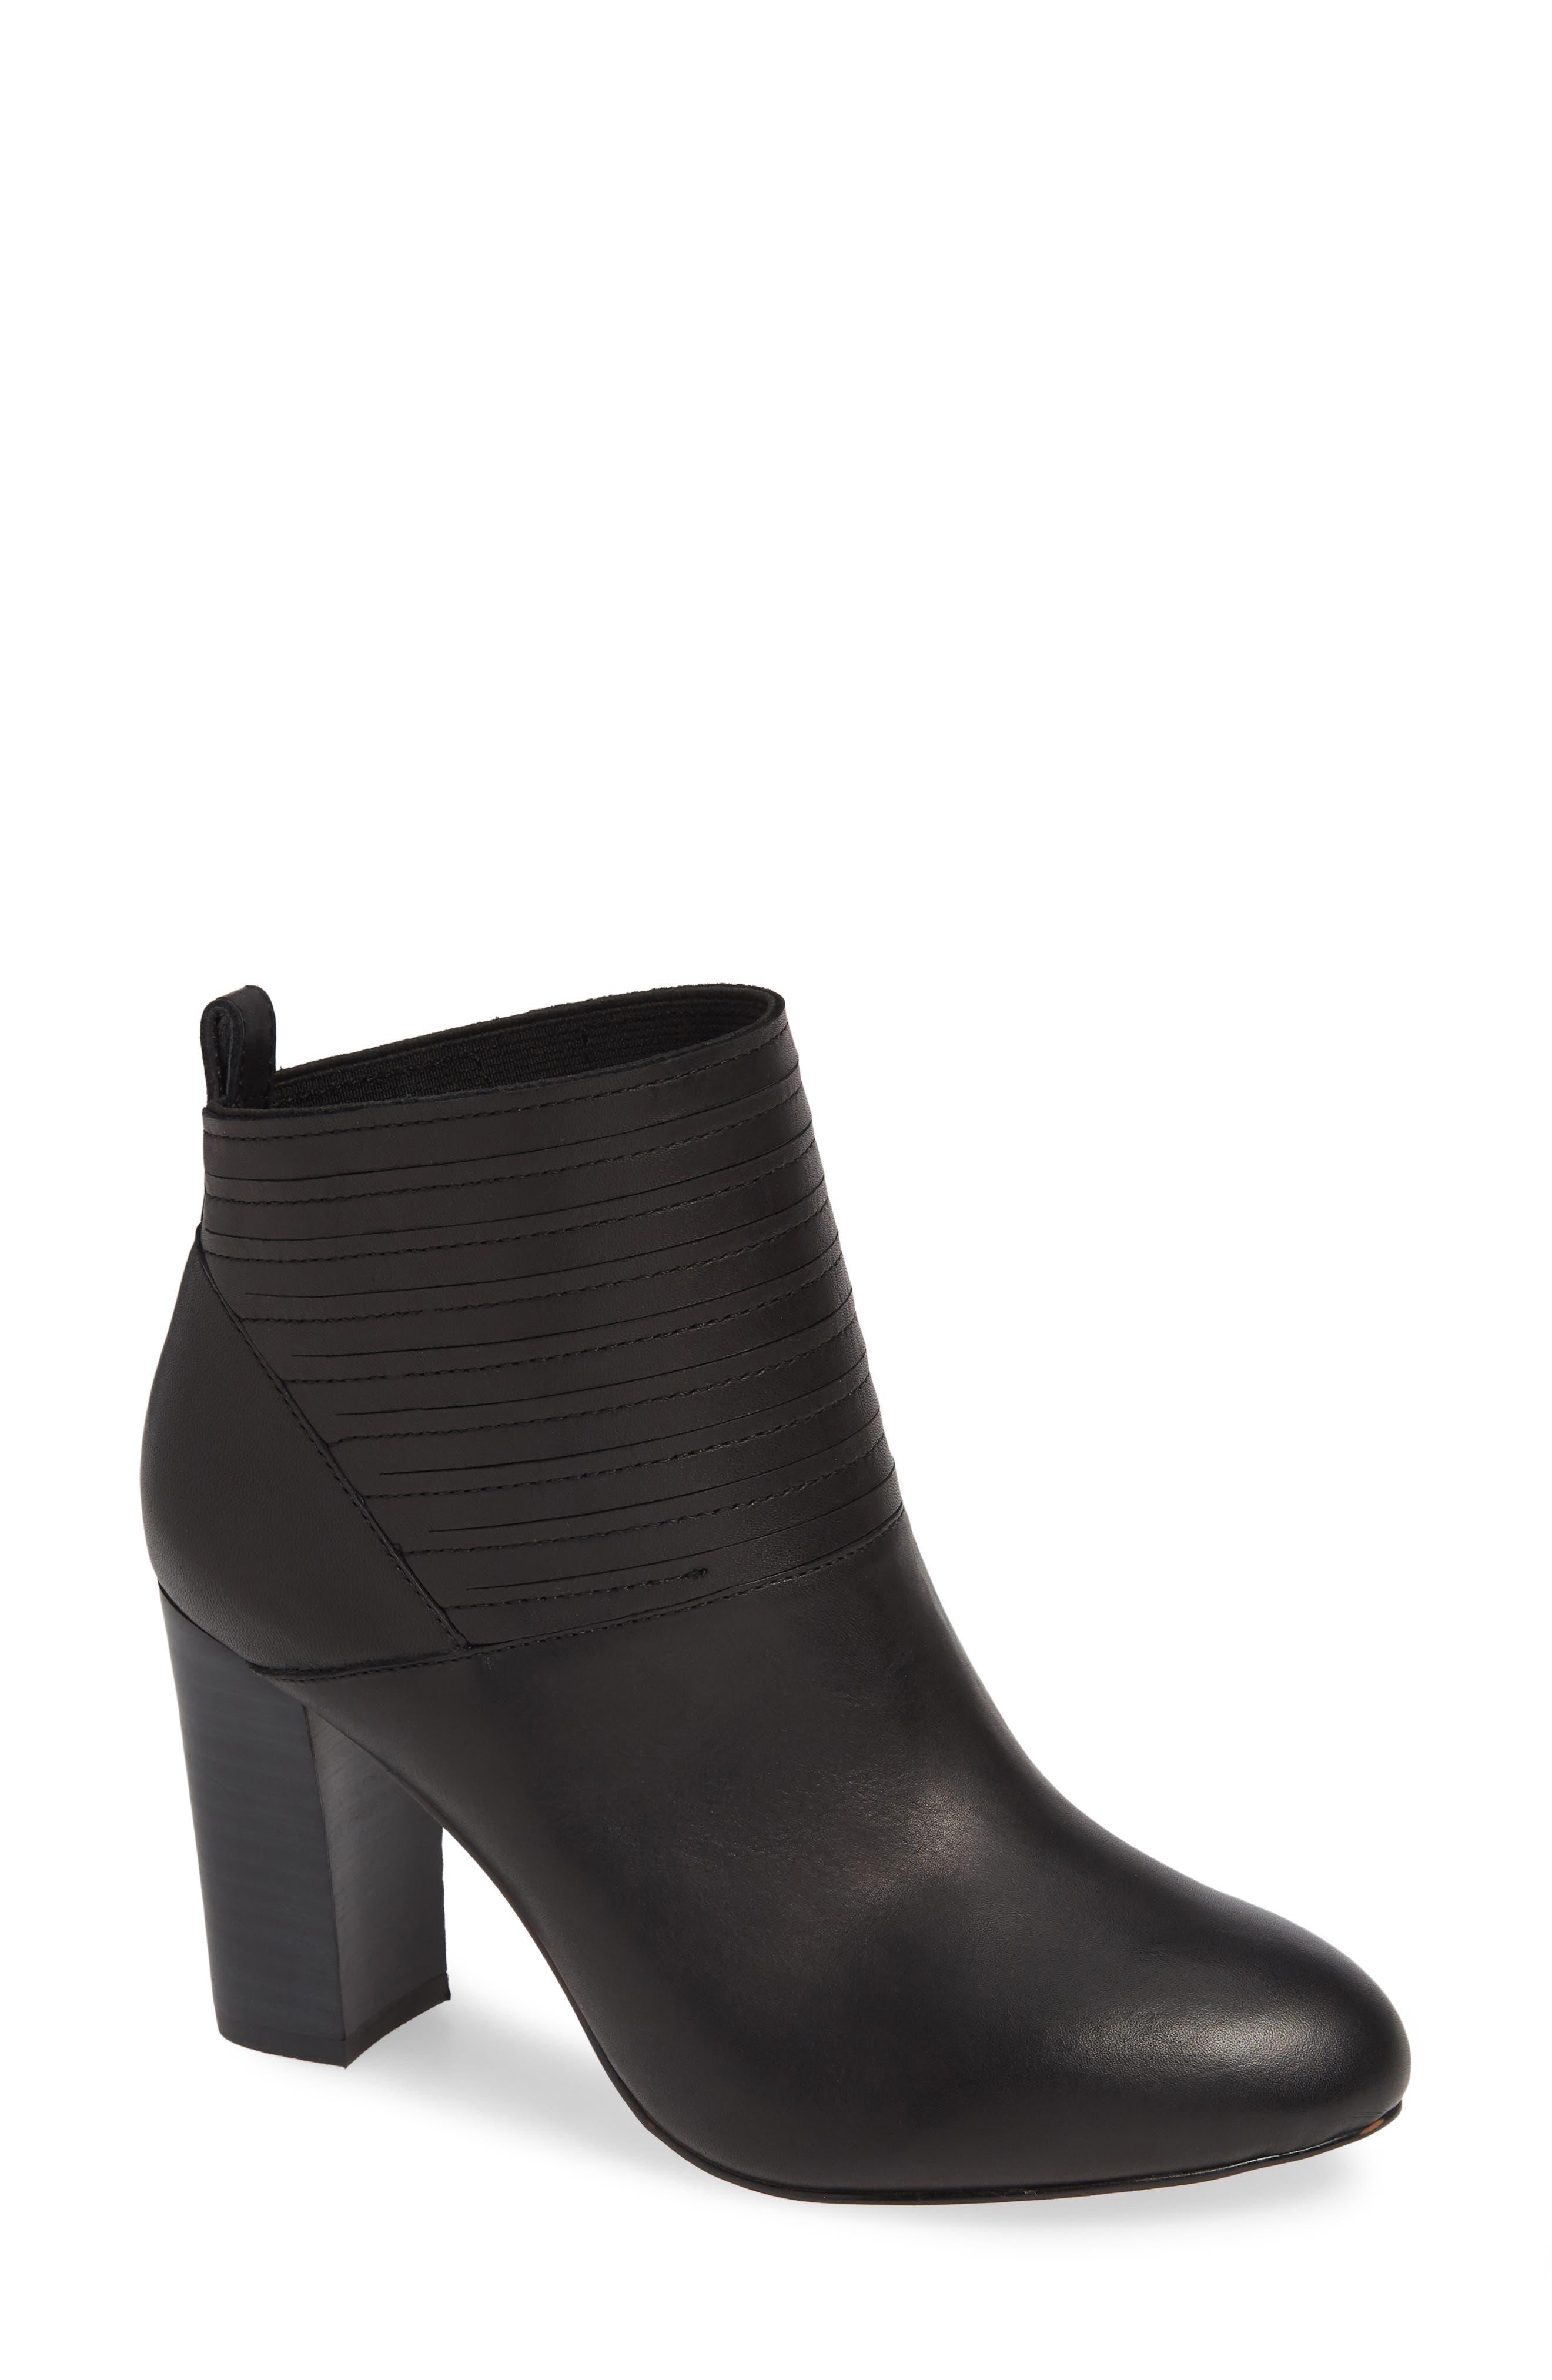 M4D3 Salama Block Heel Bootie, Black